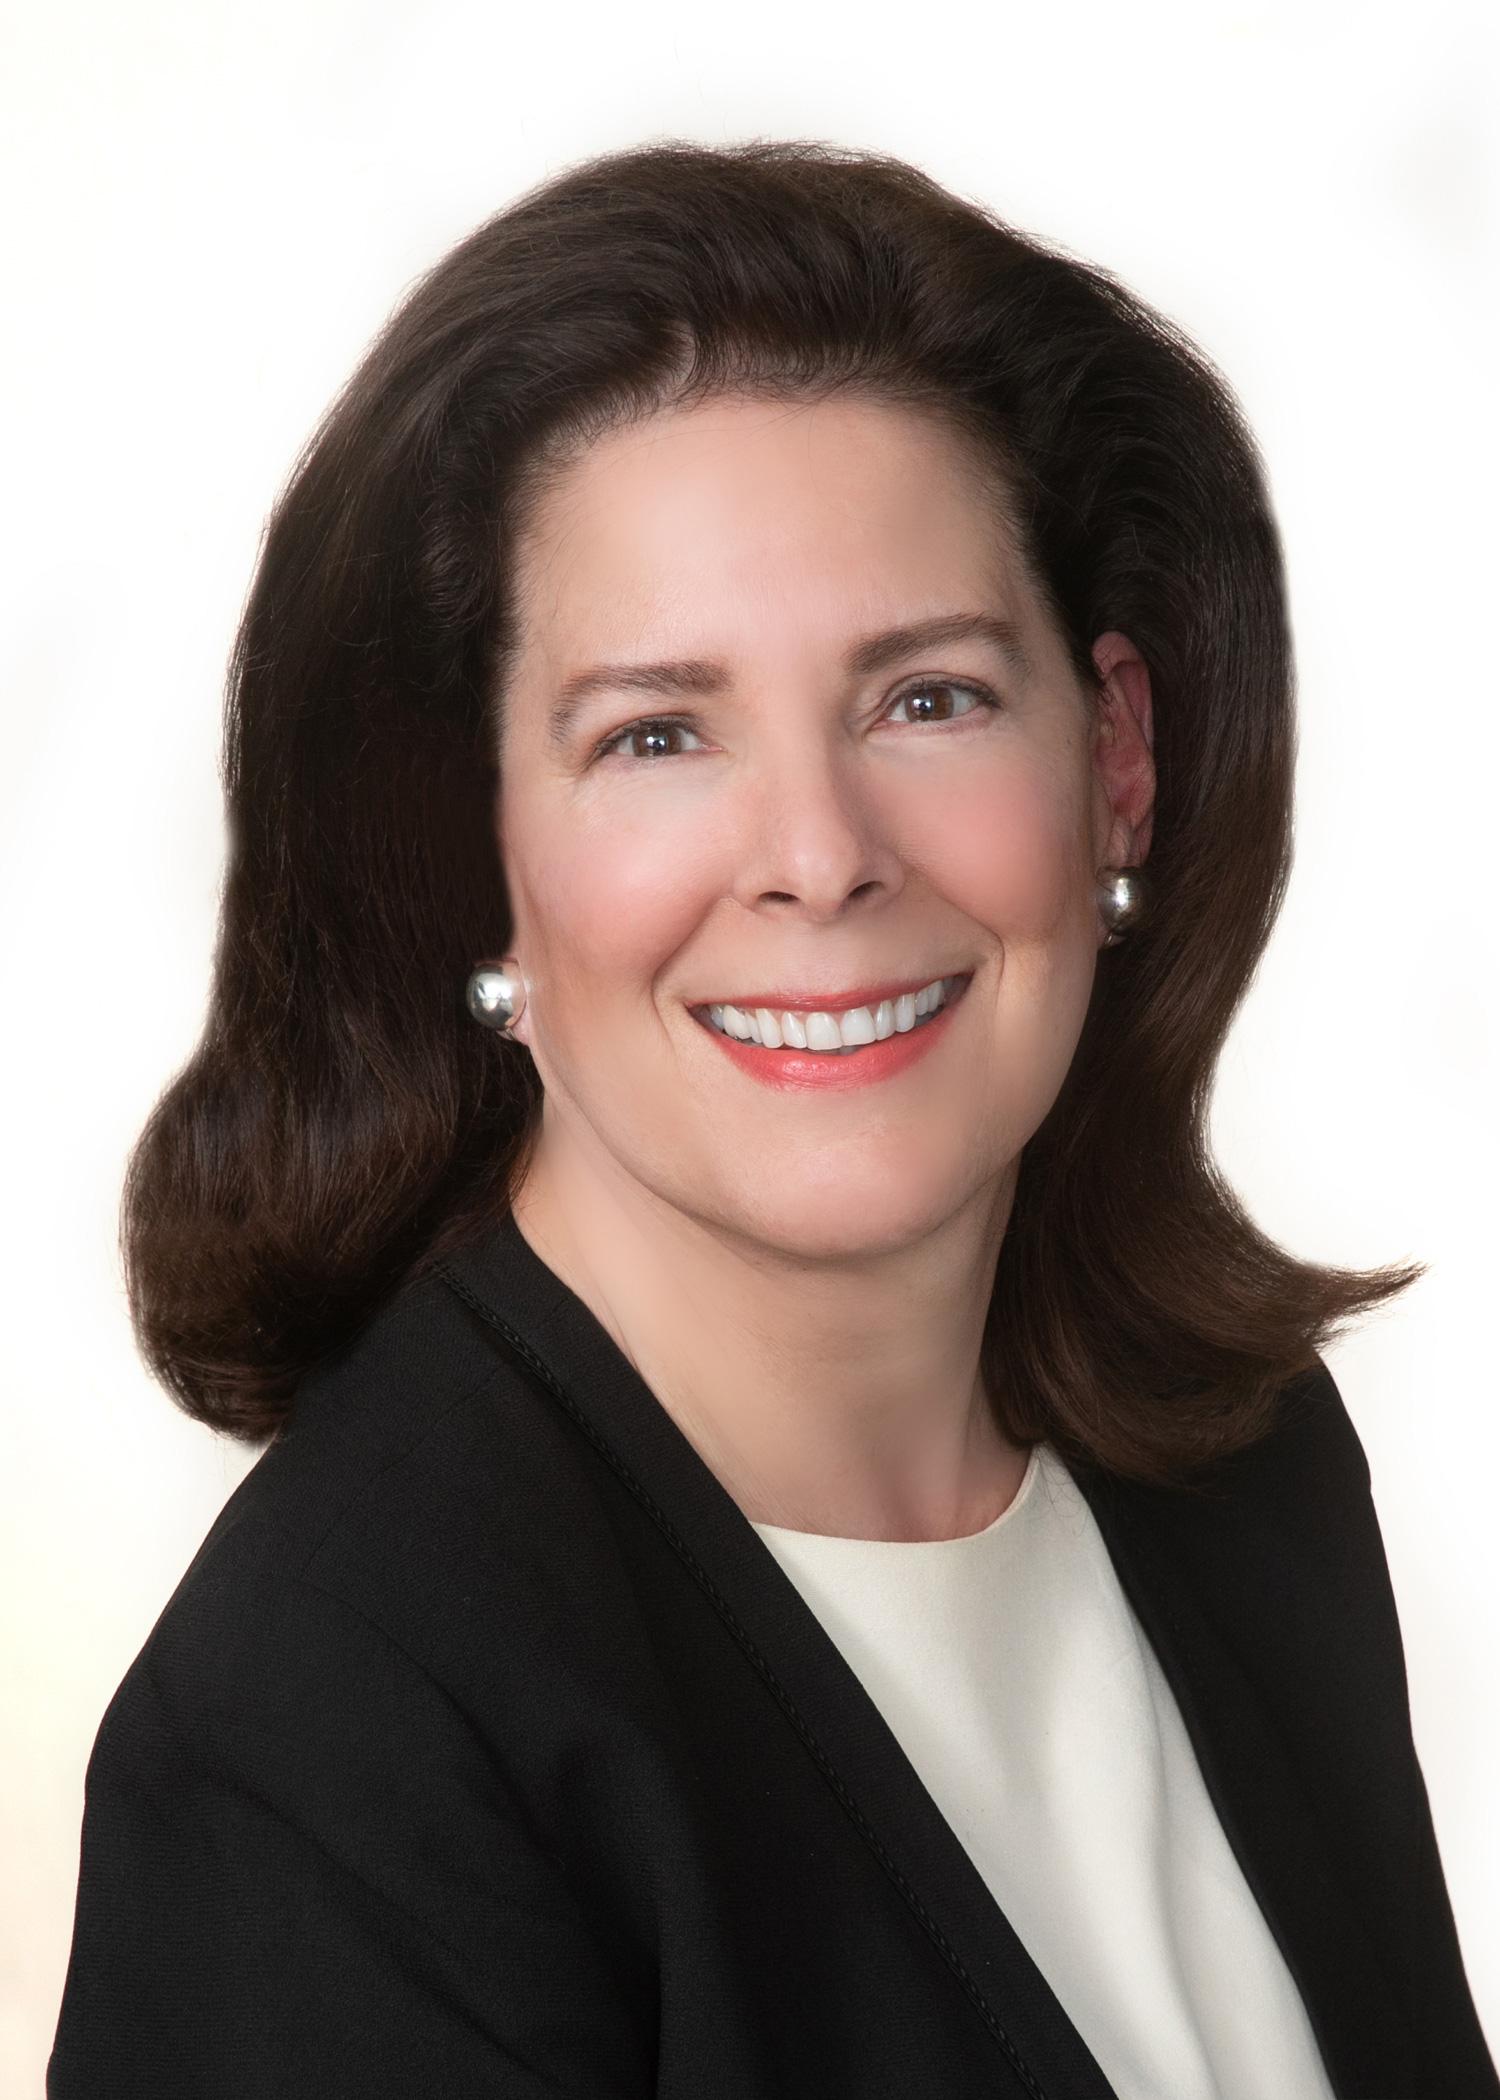 Catherine Castleberry